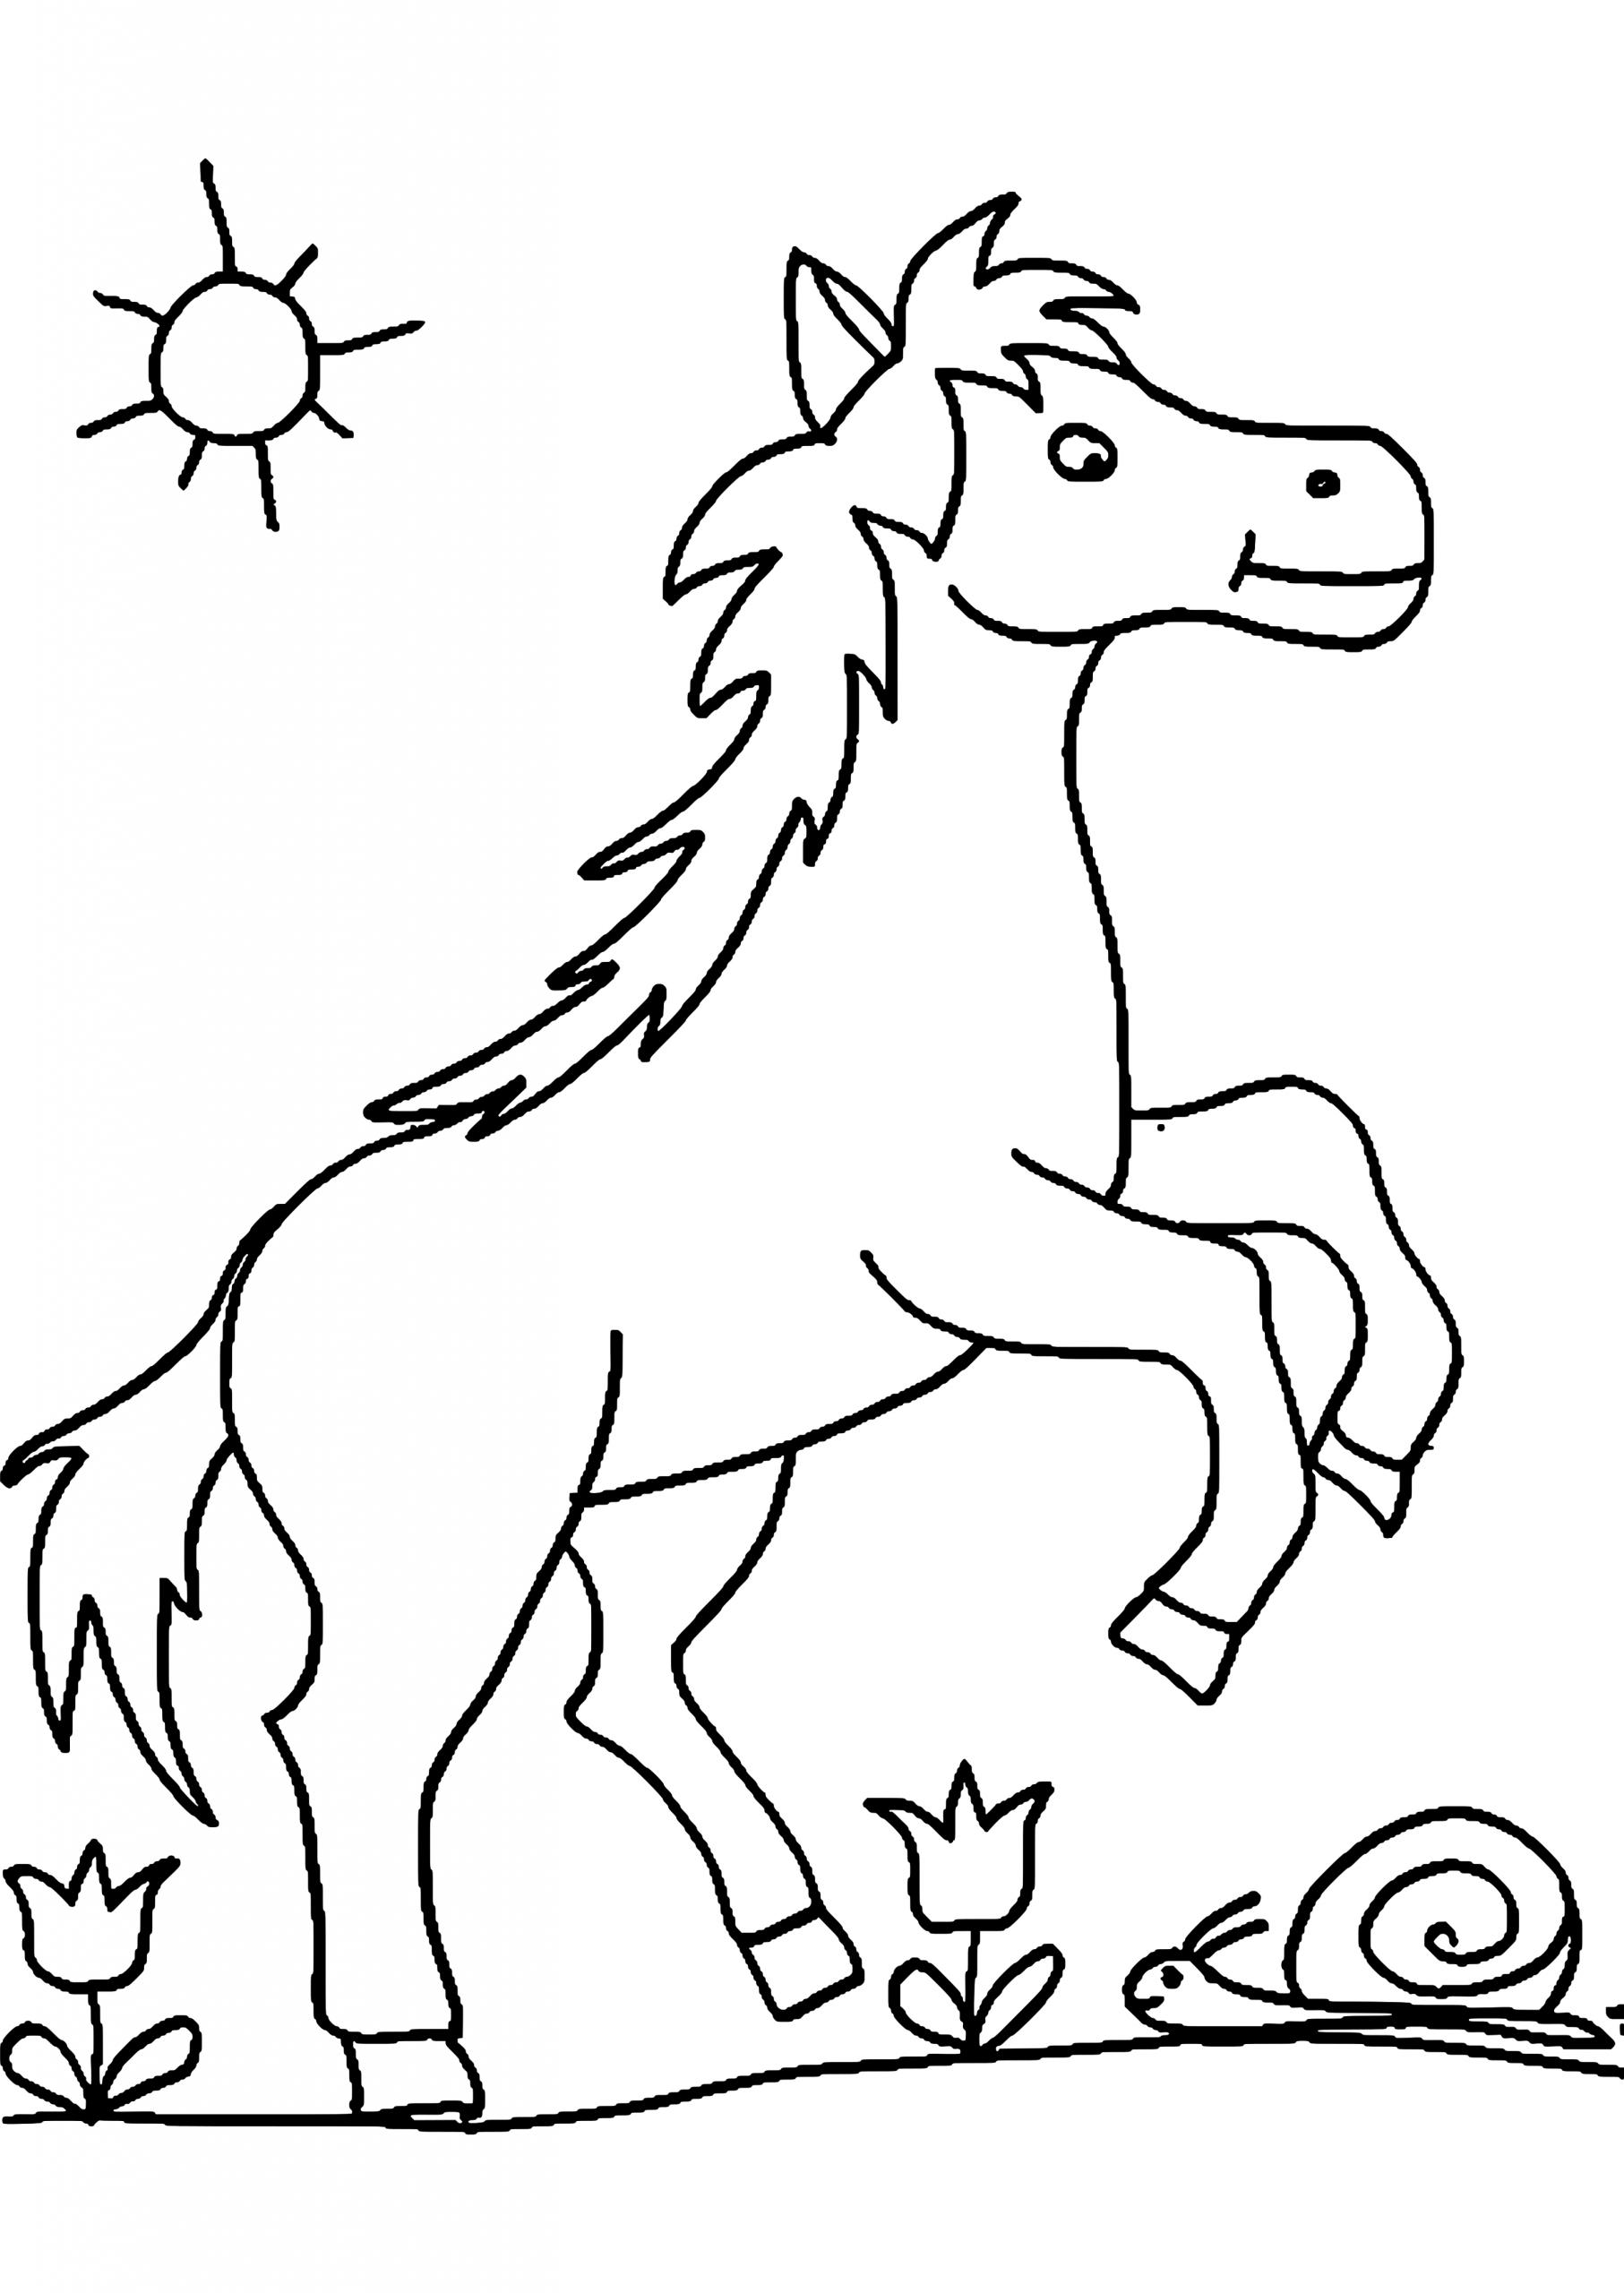 Ausmalbilder Pferde Im Schnee | Pferde Bilder Zum Ausmalen in Pferde Bilder Zum Ausmalen Und Ausdrucken Kostenlos